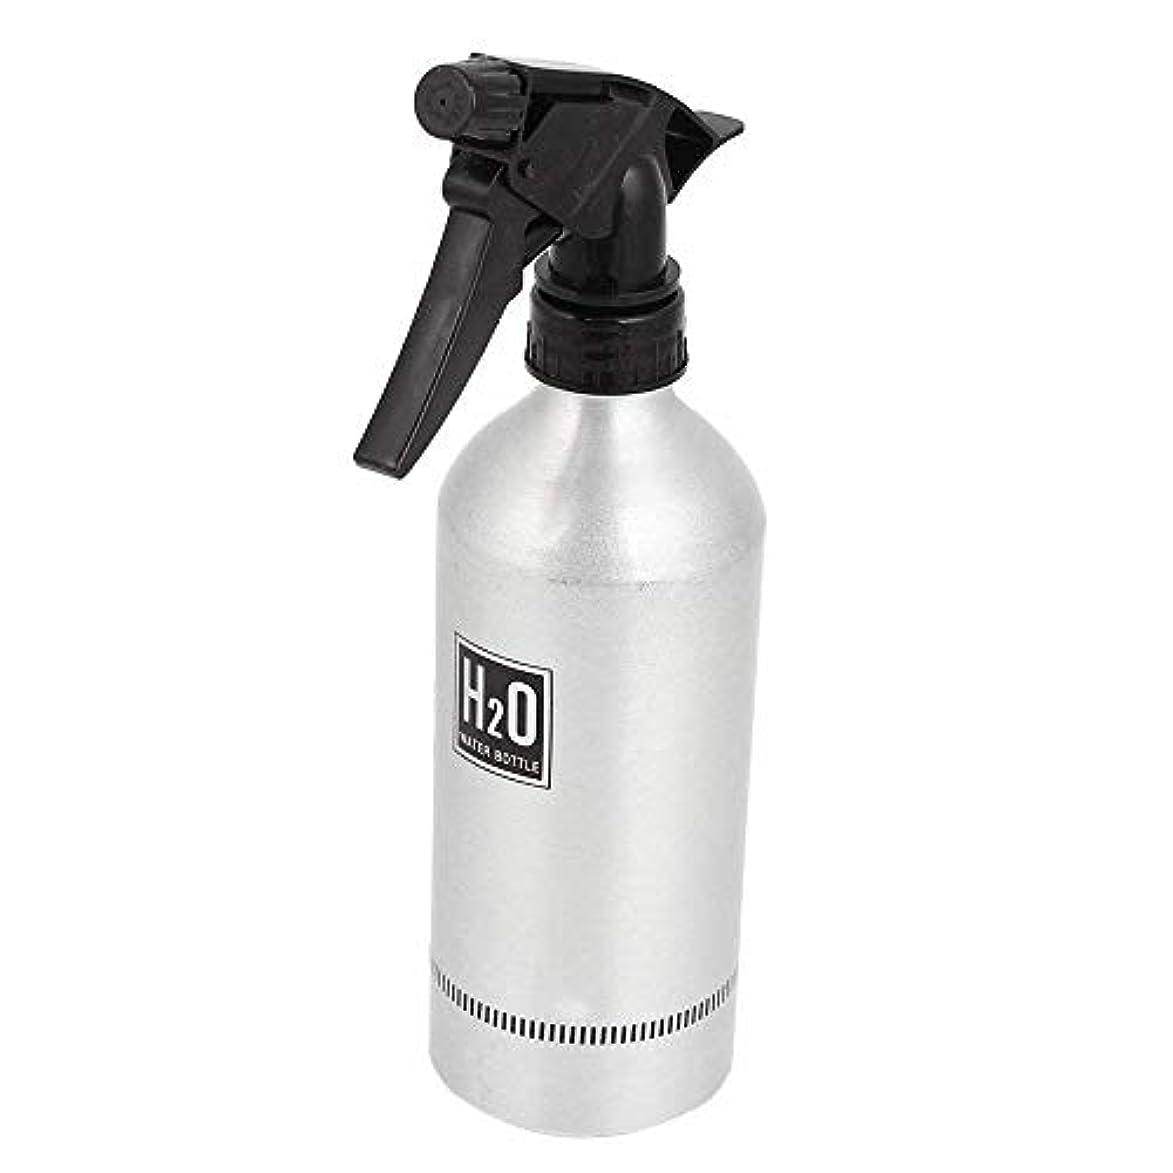 ホース修羅場読みやすいOnior アルミ スプレー缶 水髪器 スプレー スプレーボトル 美容ツール サロン 理髪師 美容師 清潔 クリーニング 500ミリリットル